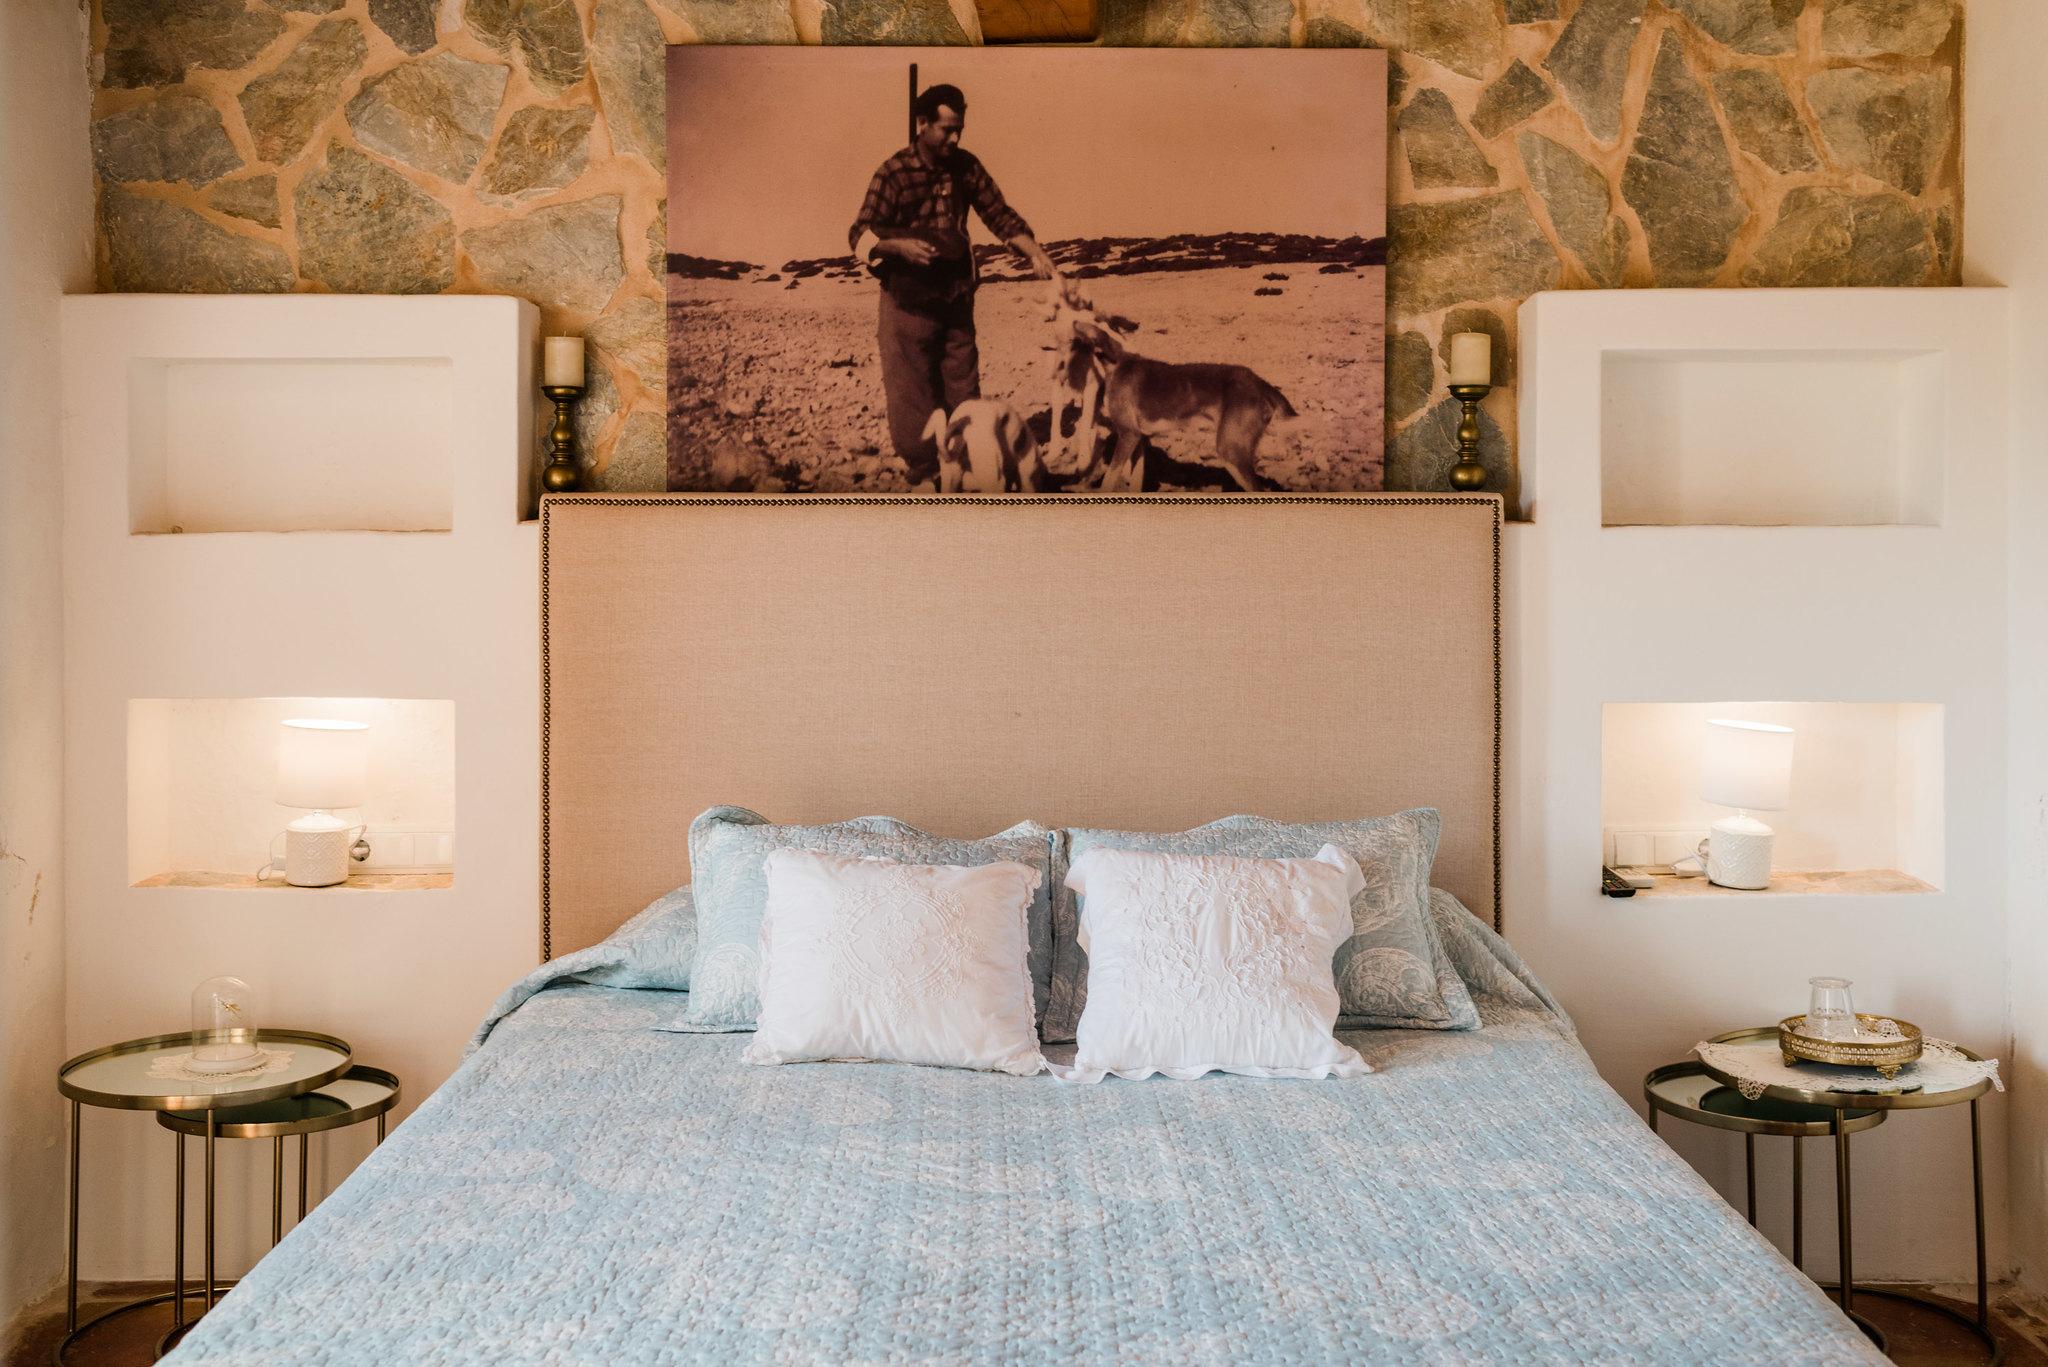 https://www.white-ibiza.com/wp-content/uploads/2020/06/white-ibiza-villas-los-corrales-interior-bedroom4.jpg